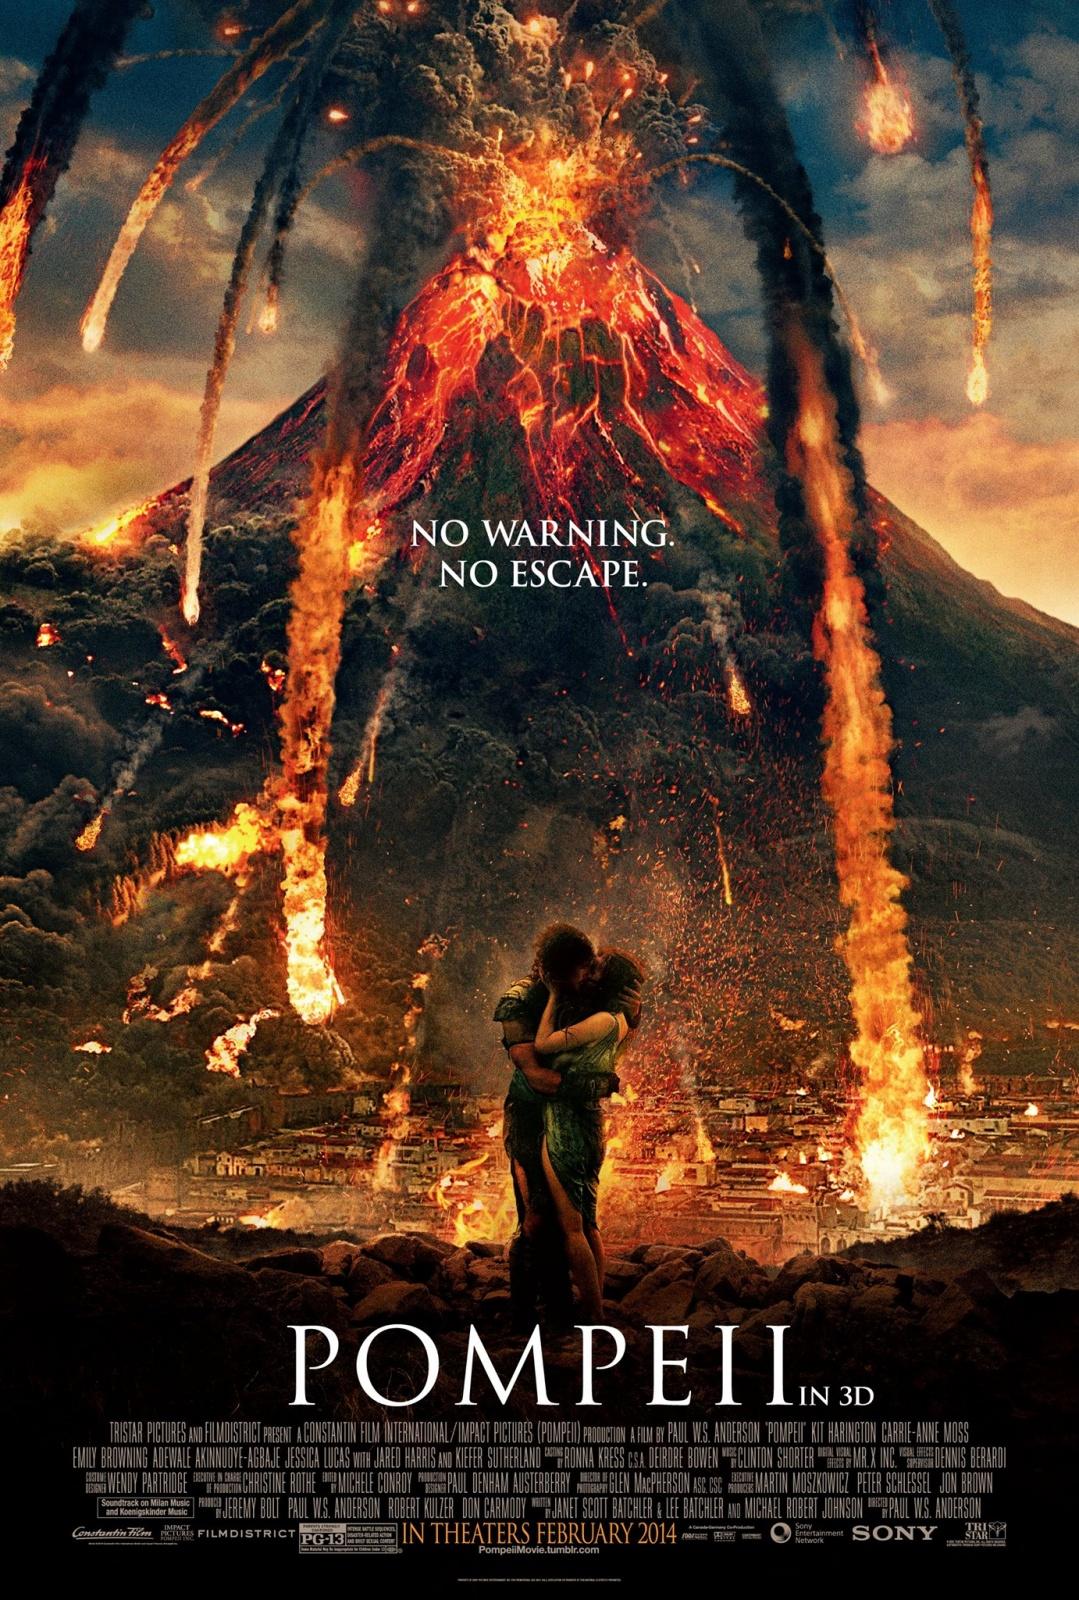 https://i0.wp.com/sideonetrackone.com/wp-content/uploads/2014/02/Pompeii-2014-Movie-Poster1.jpg